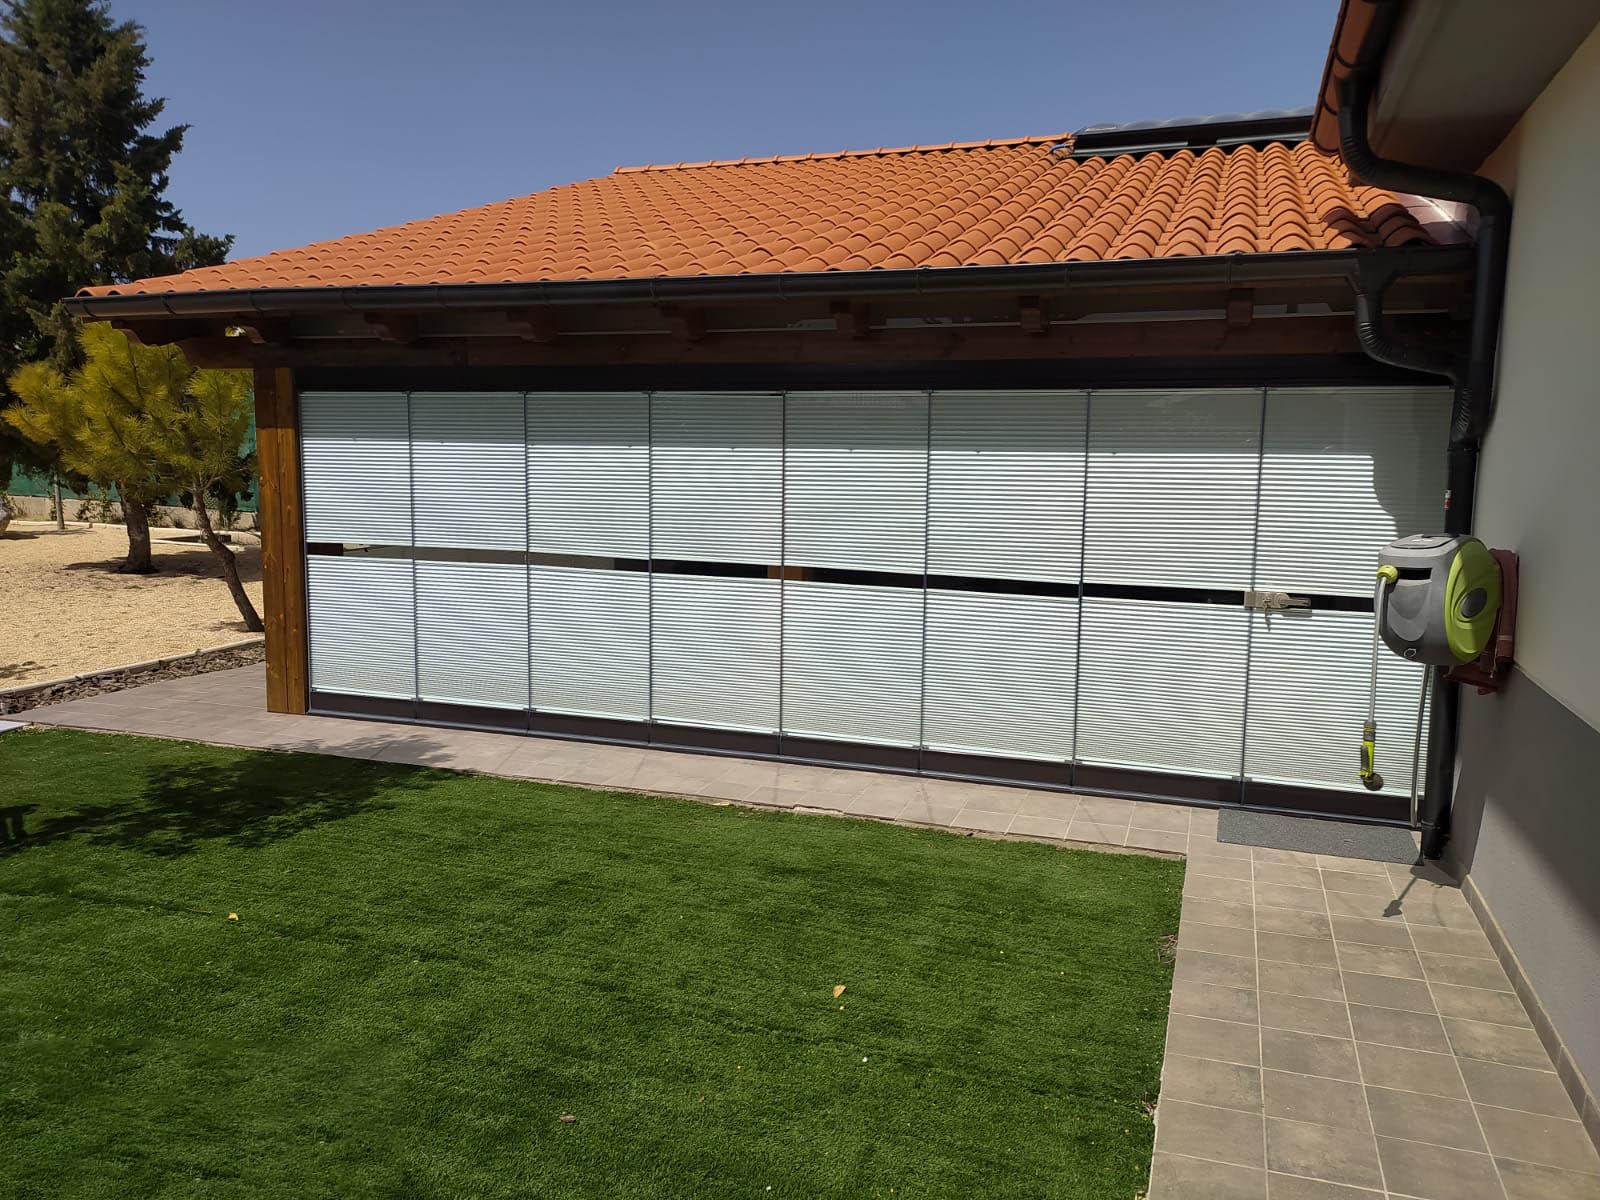 Cortinas de cristal con toldo en cubierta de porche de obra